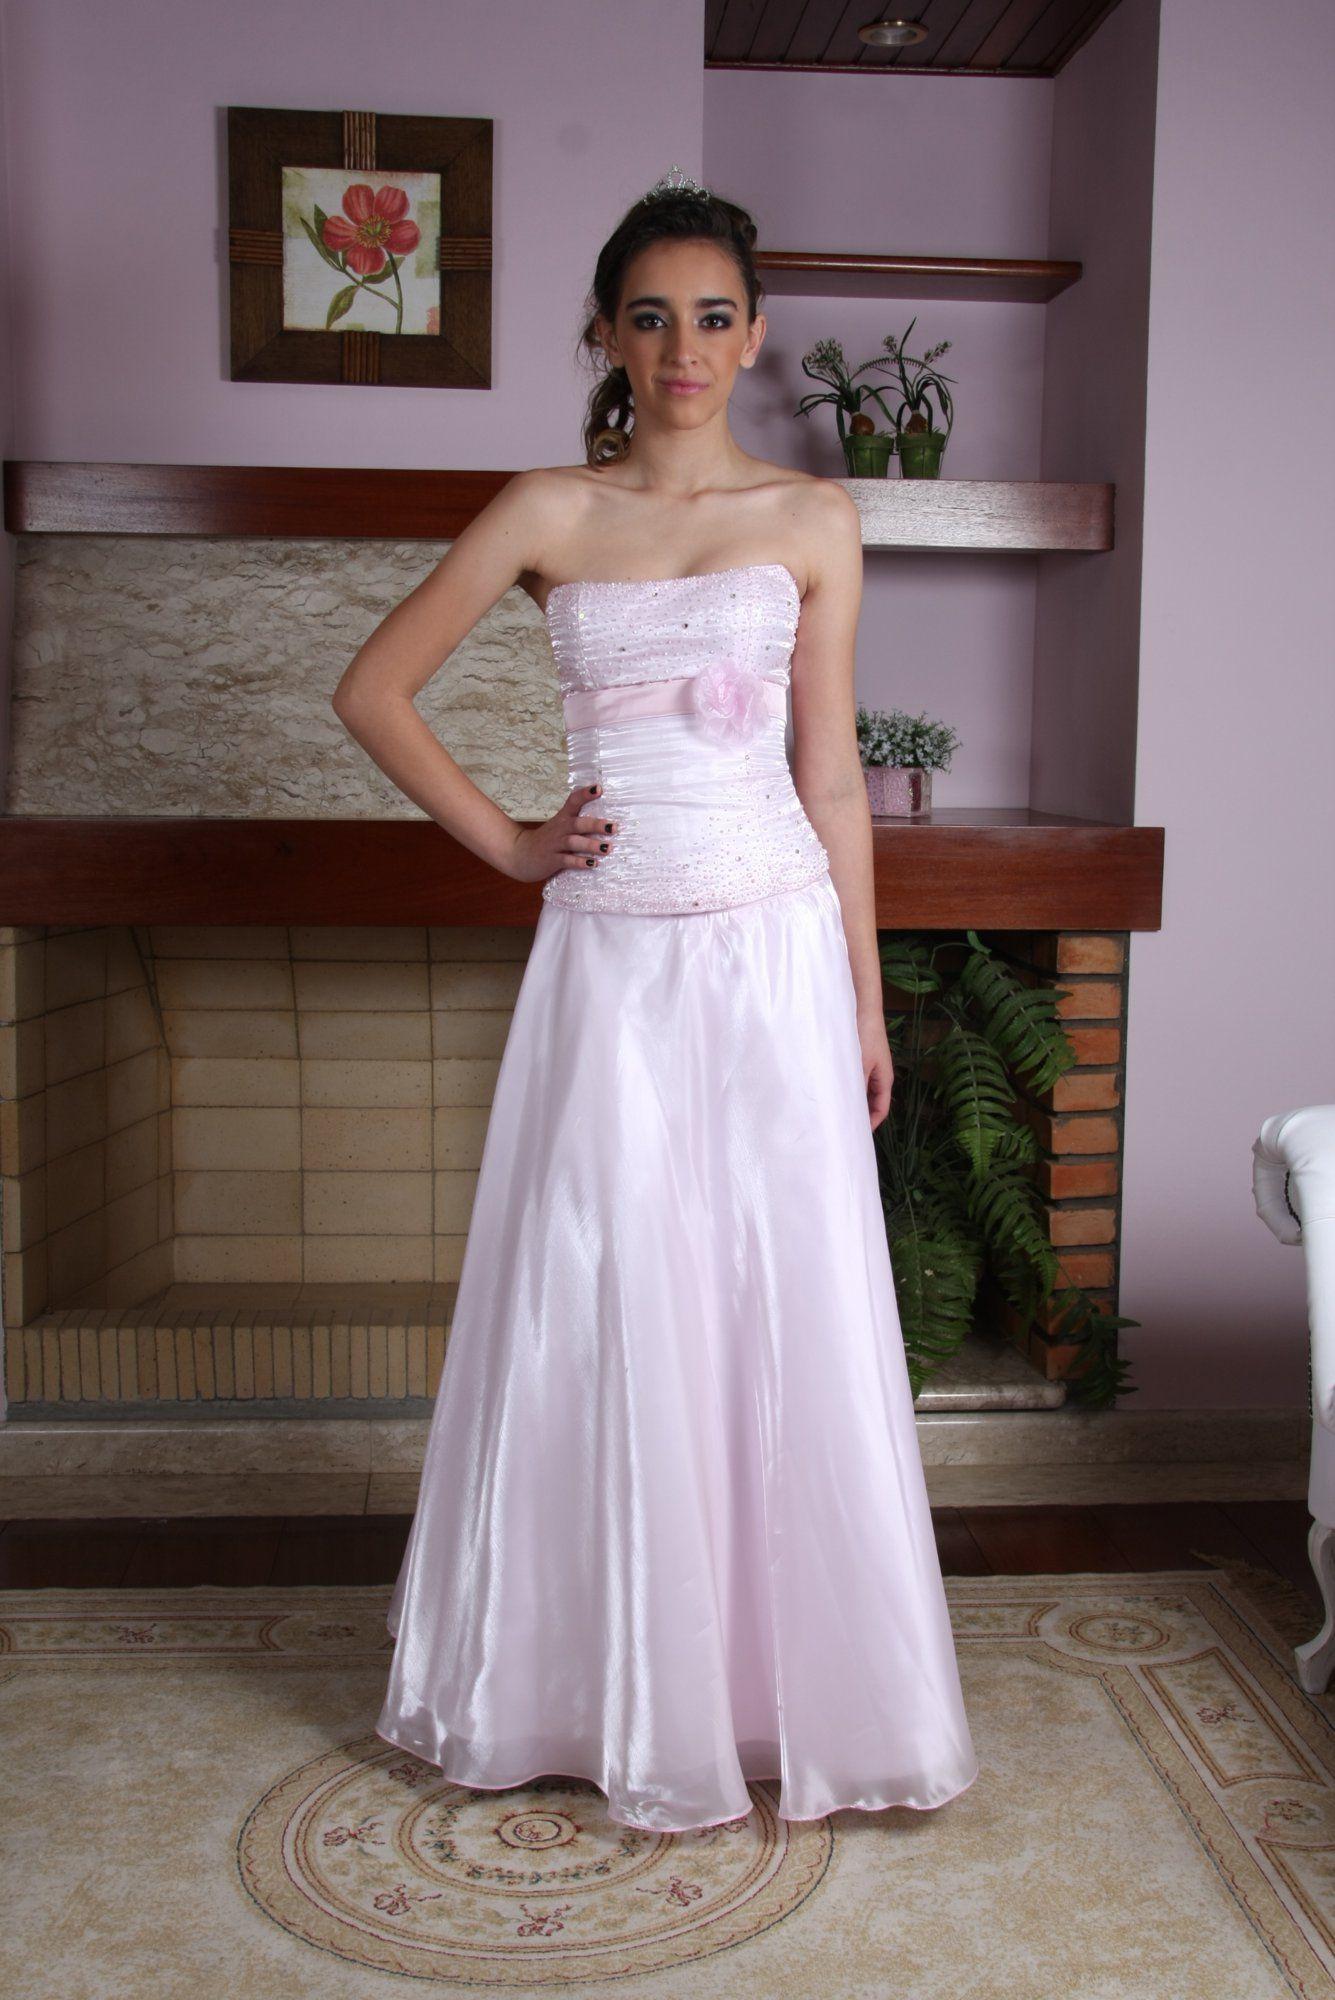 Vestido de Debutante Rosa - 8 - Hipnose Alta Costura e Spa para Noivas e Noivos - Campinas - SP Vestido de Debutante, Vestido de Debutante Rosa, Hipnose Alta Costura